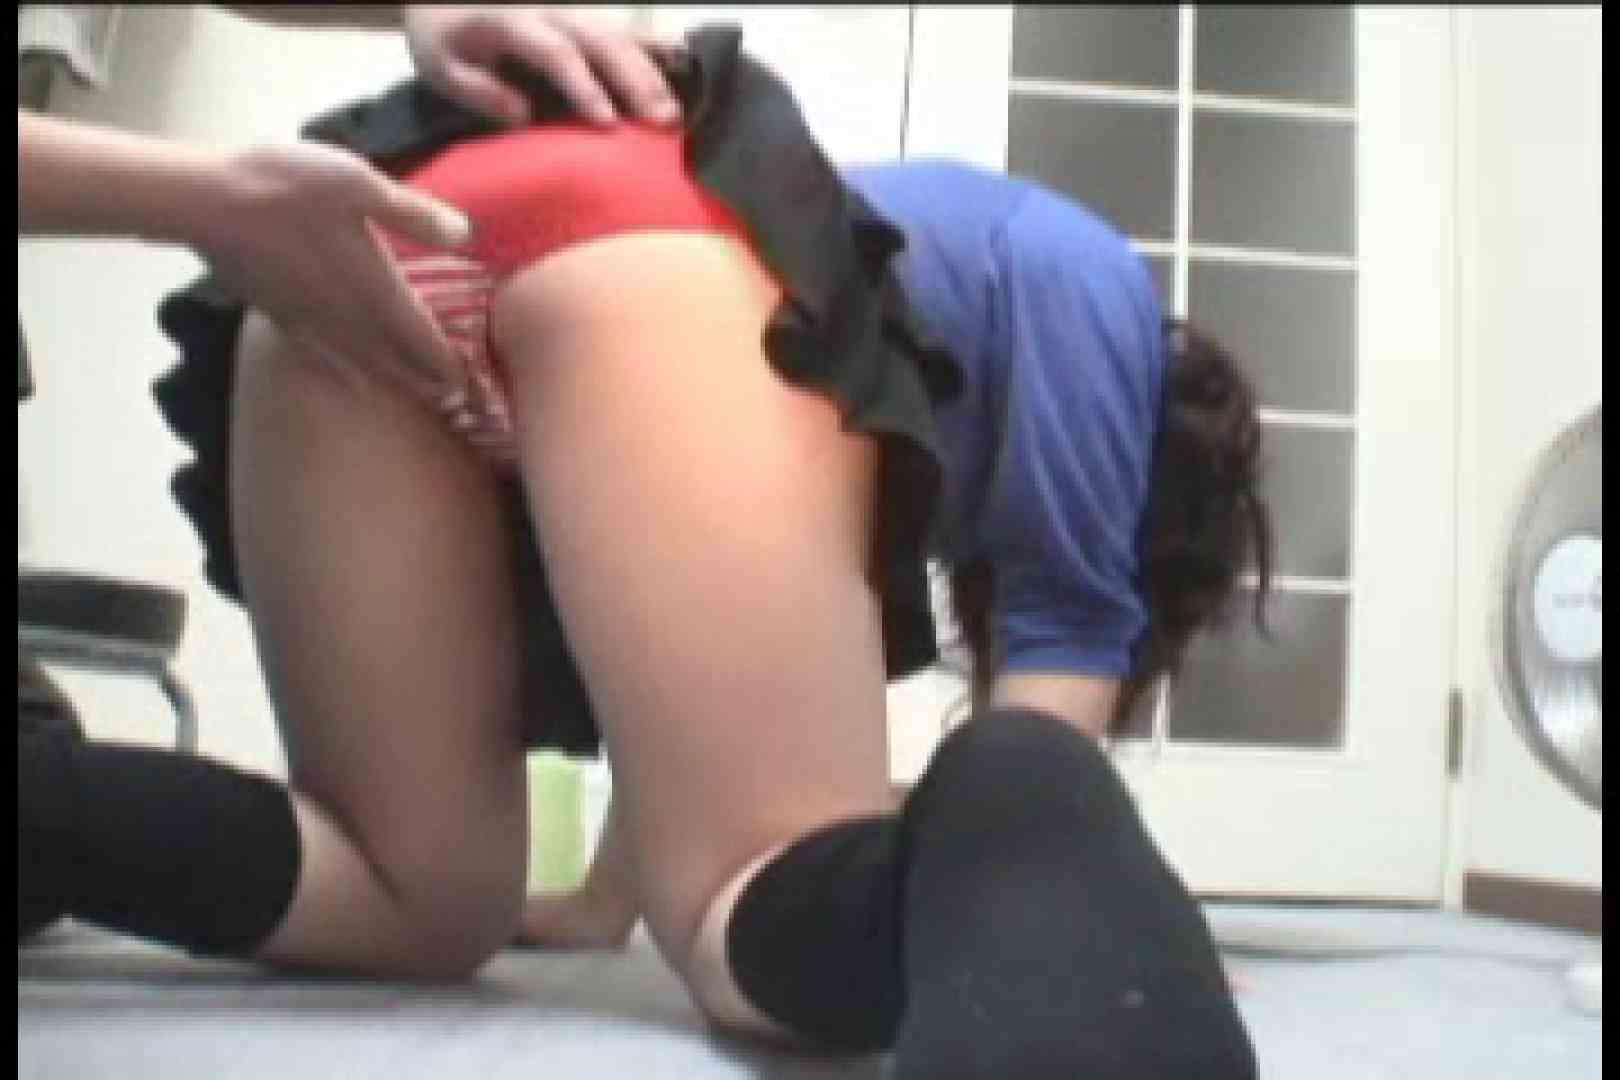 パンツ売りの女の子 けいちゃんvol.1 ぽっちゃり オマンコ動画キャプチャ 63枚 38